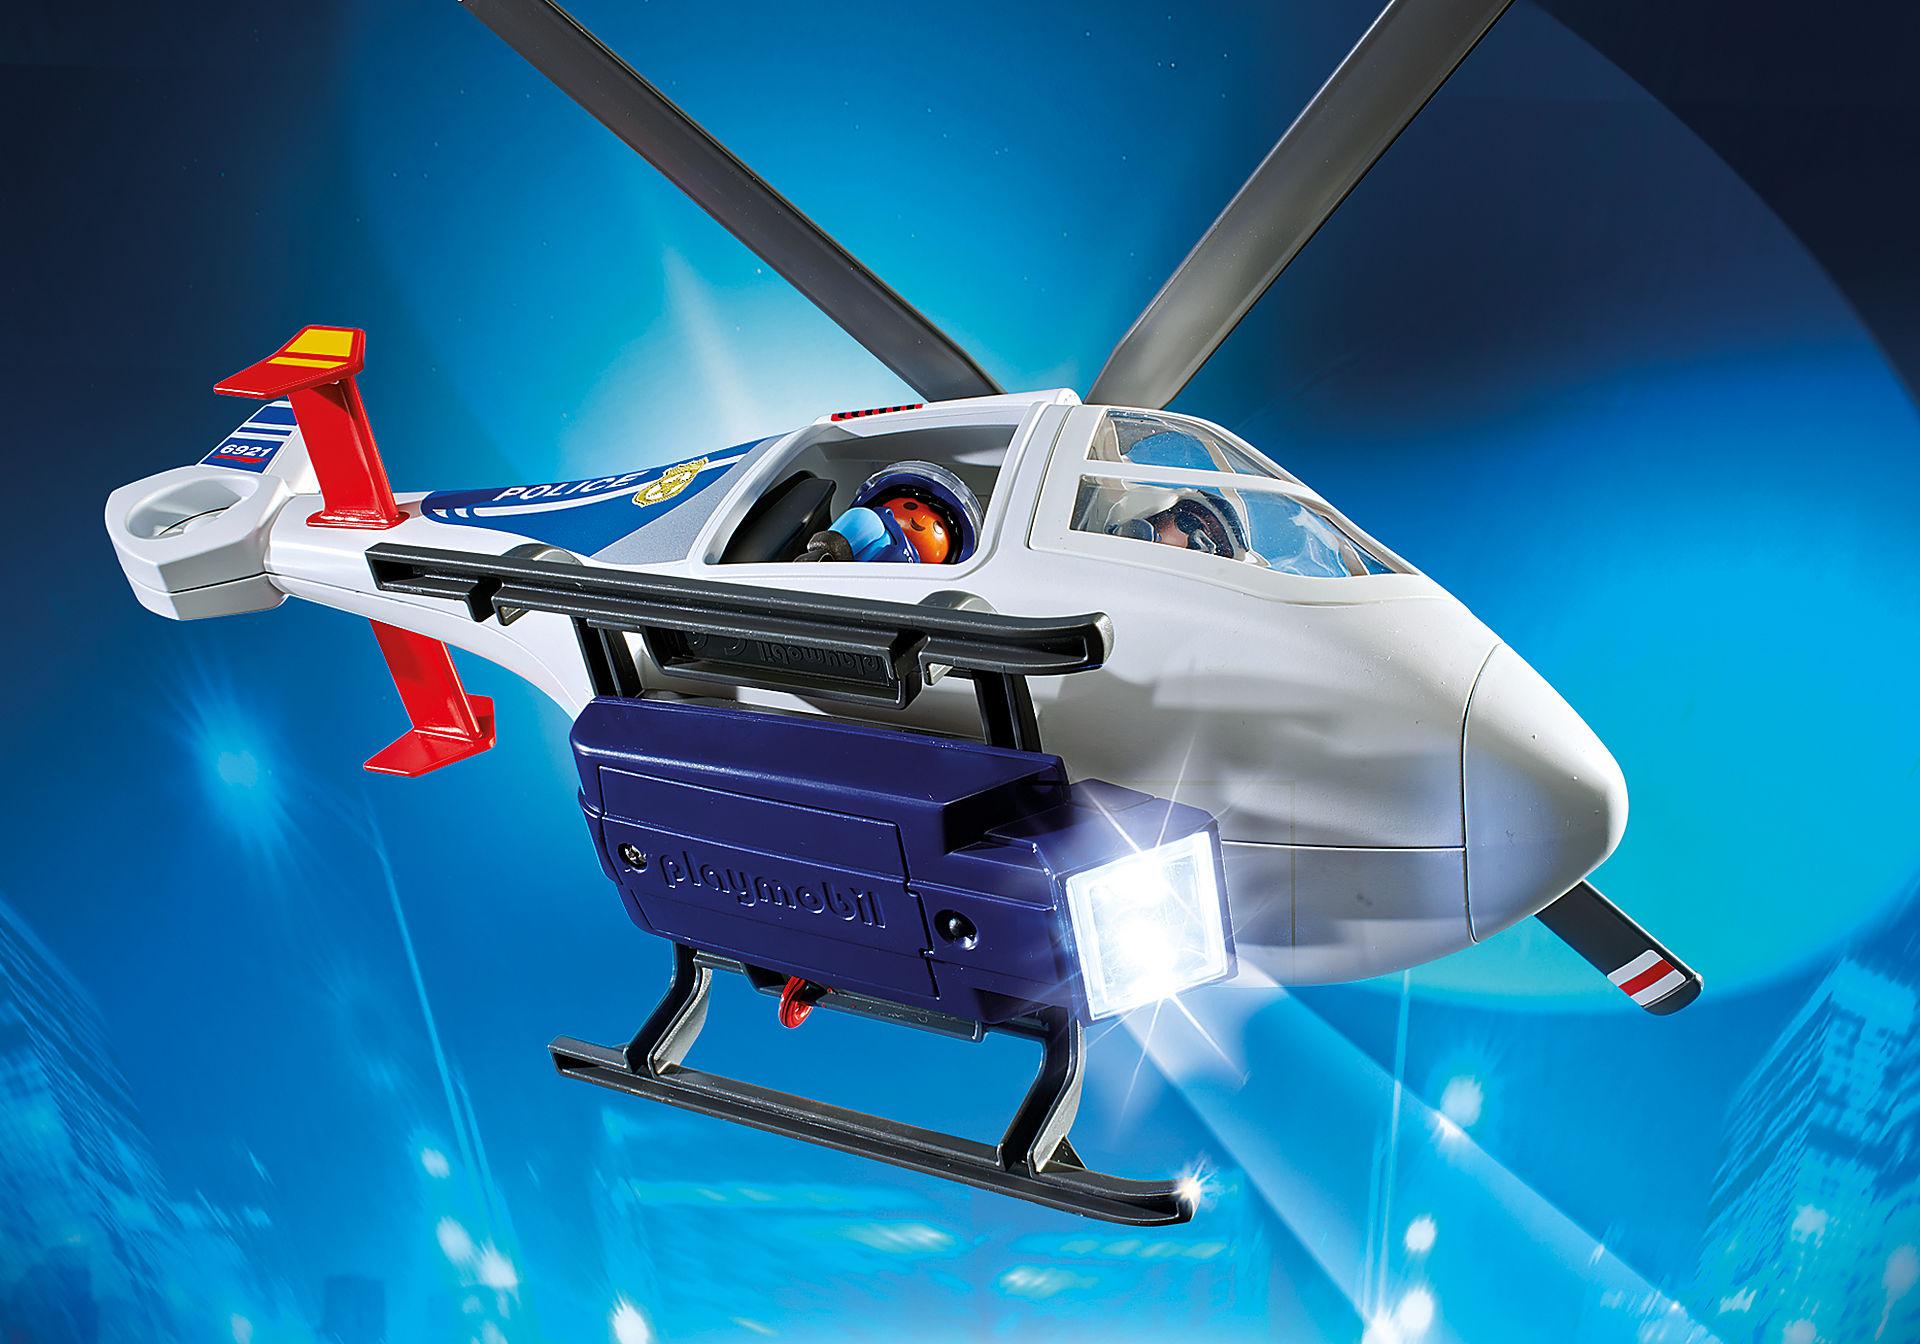 6921 Helicóptero da Polícia com luzes LED zoom image6